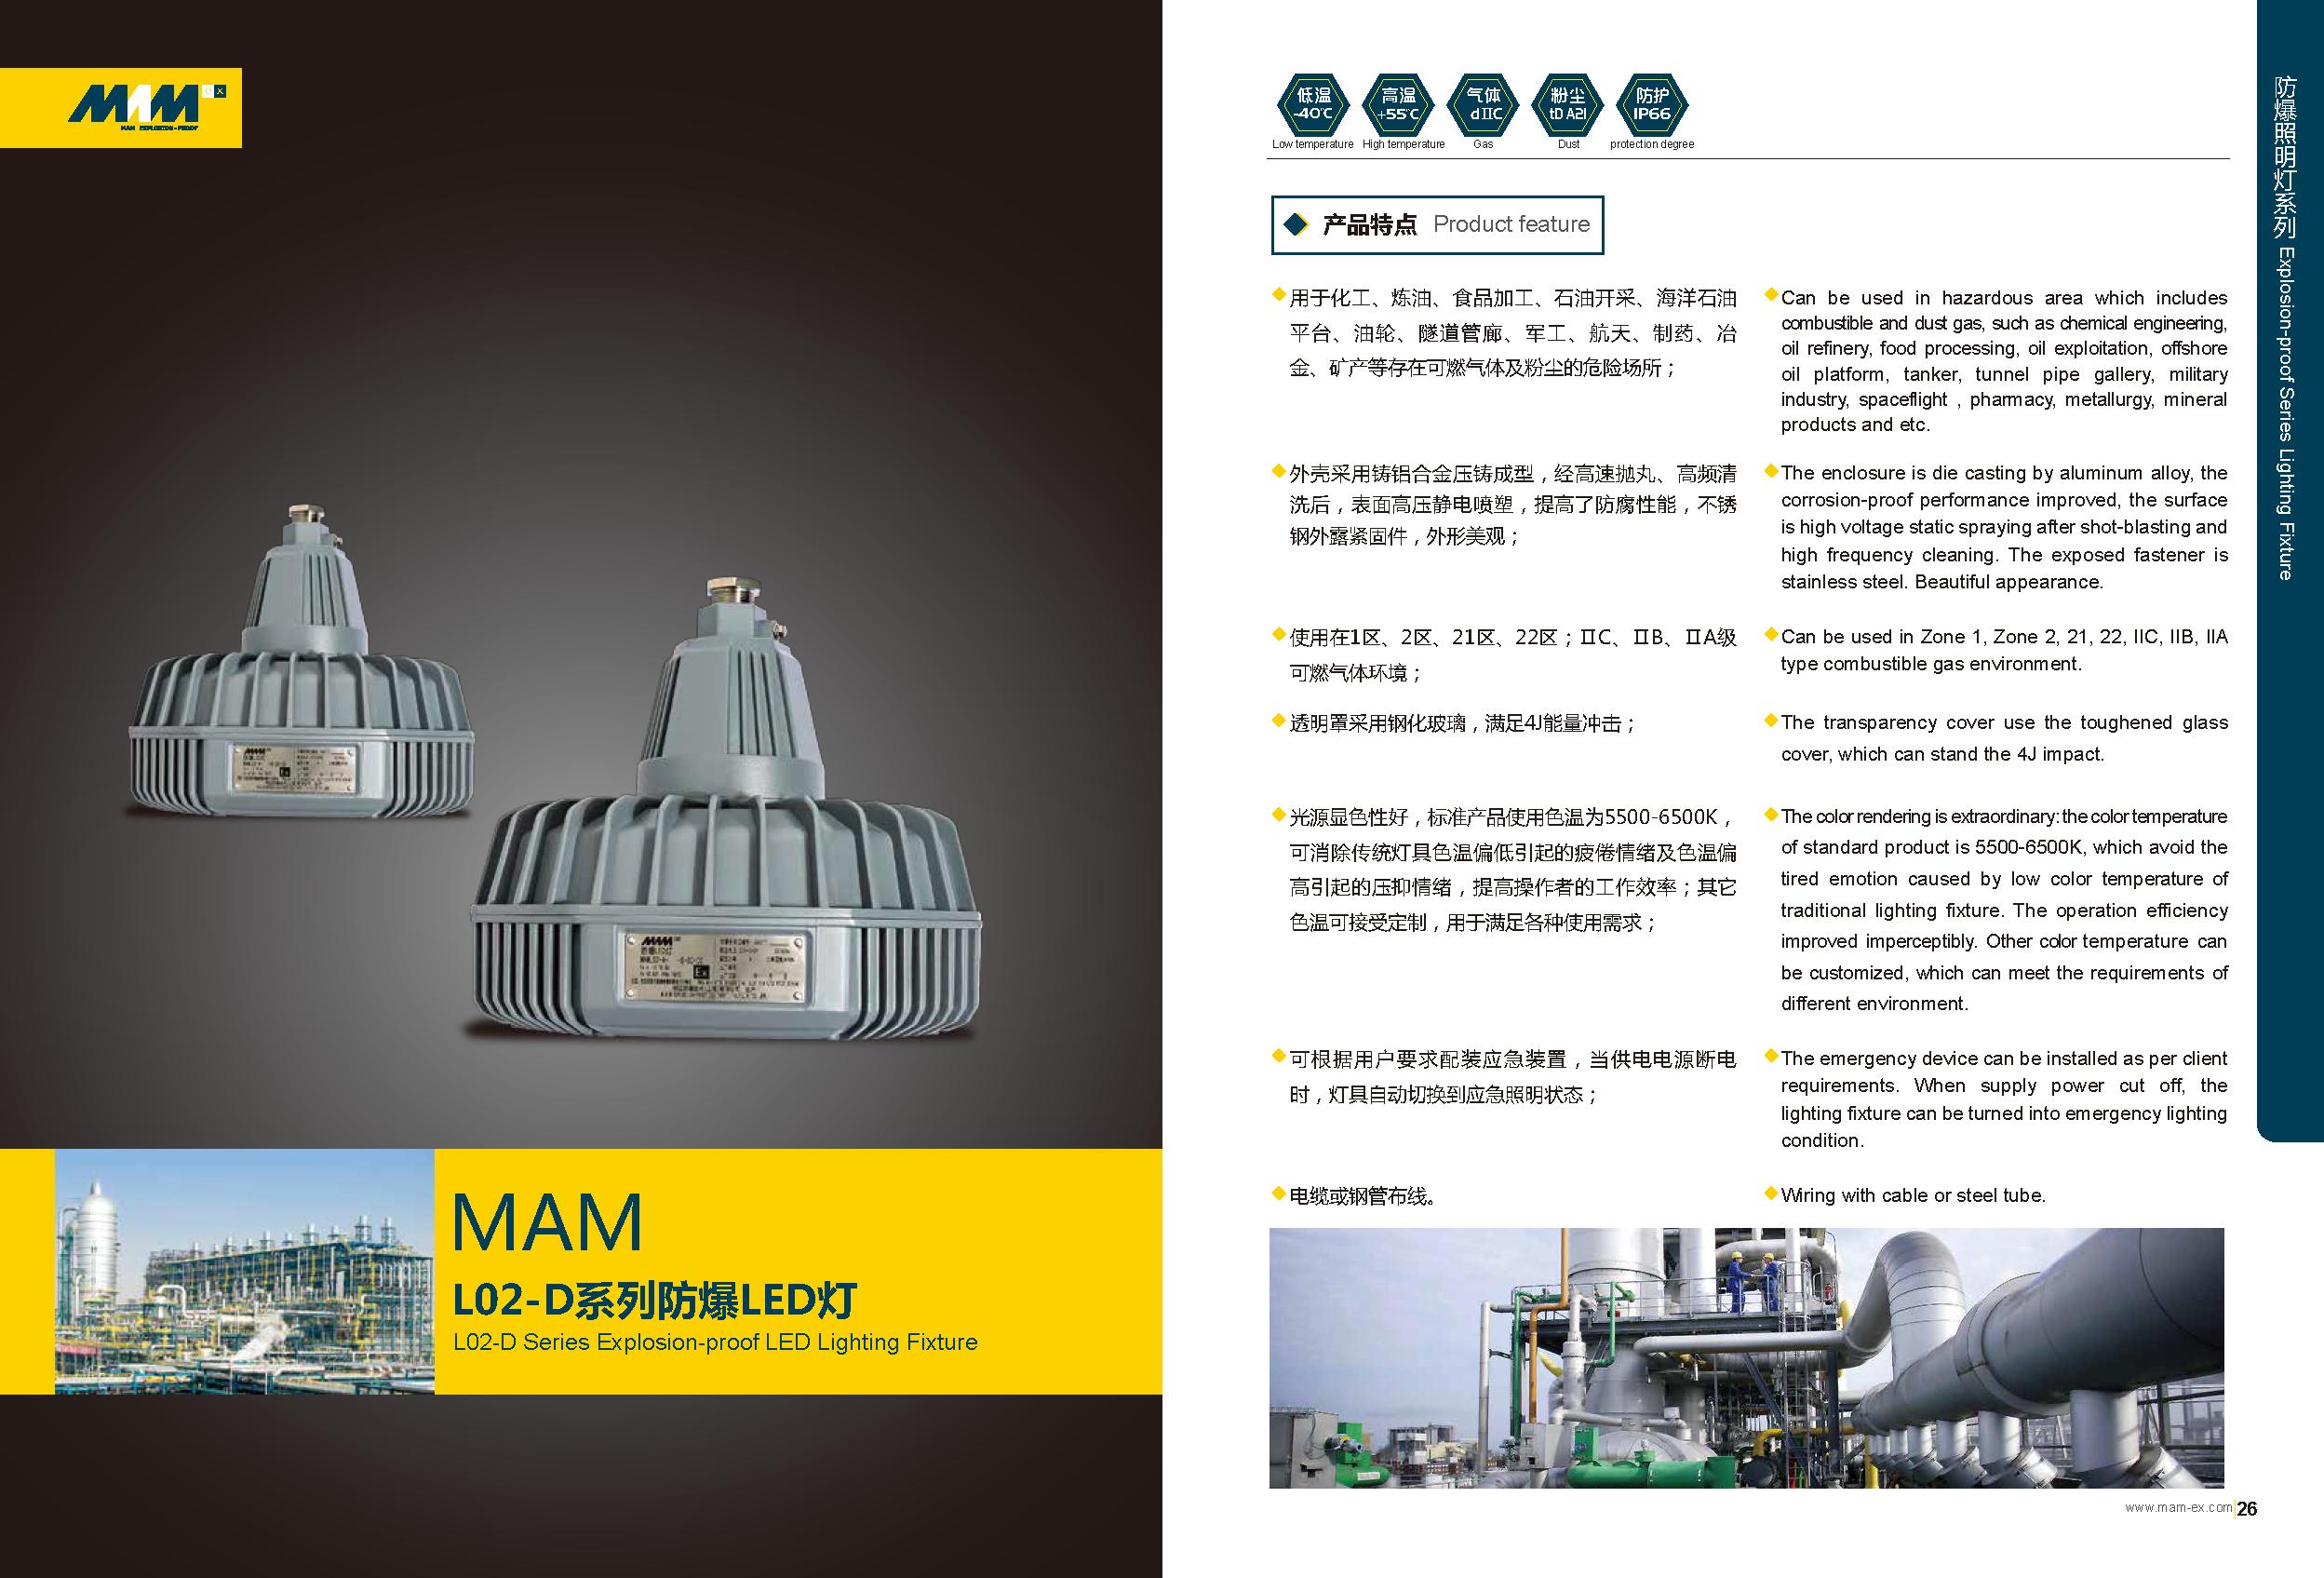 Взрывозащищенные светодиодные лампы серии MAML-02D